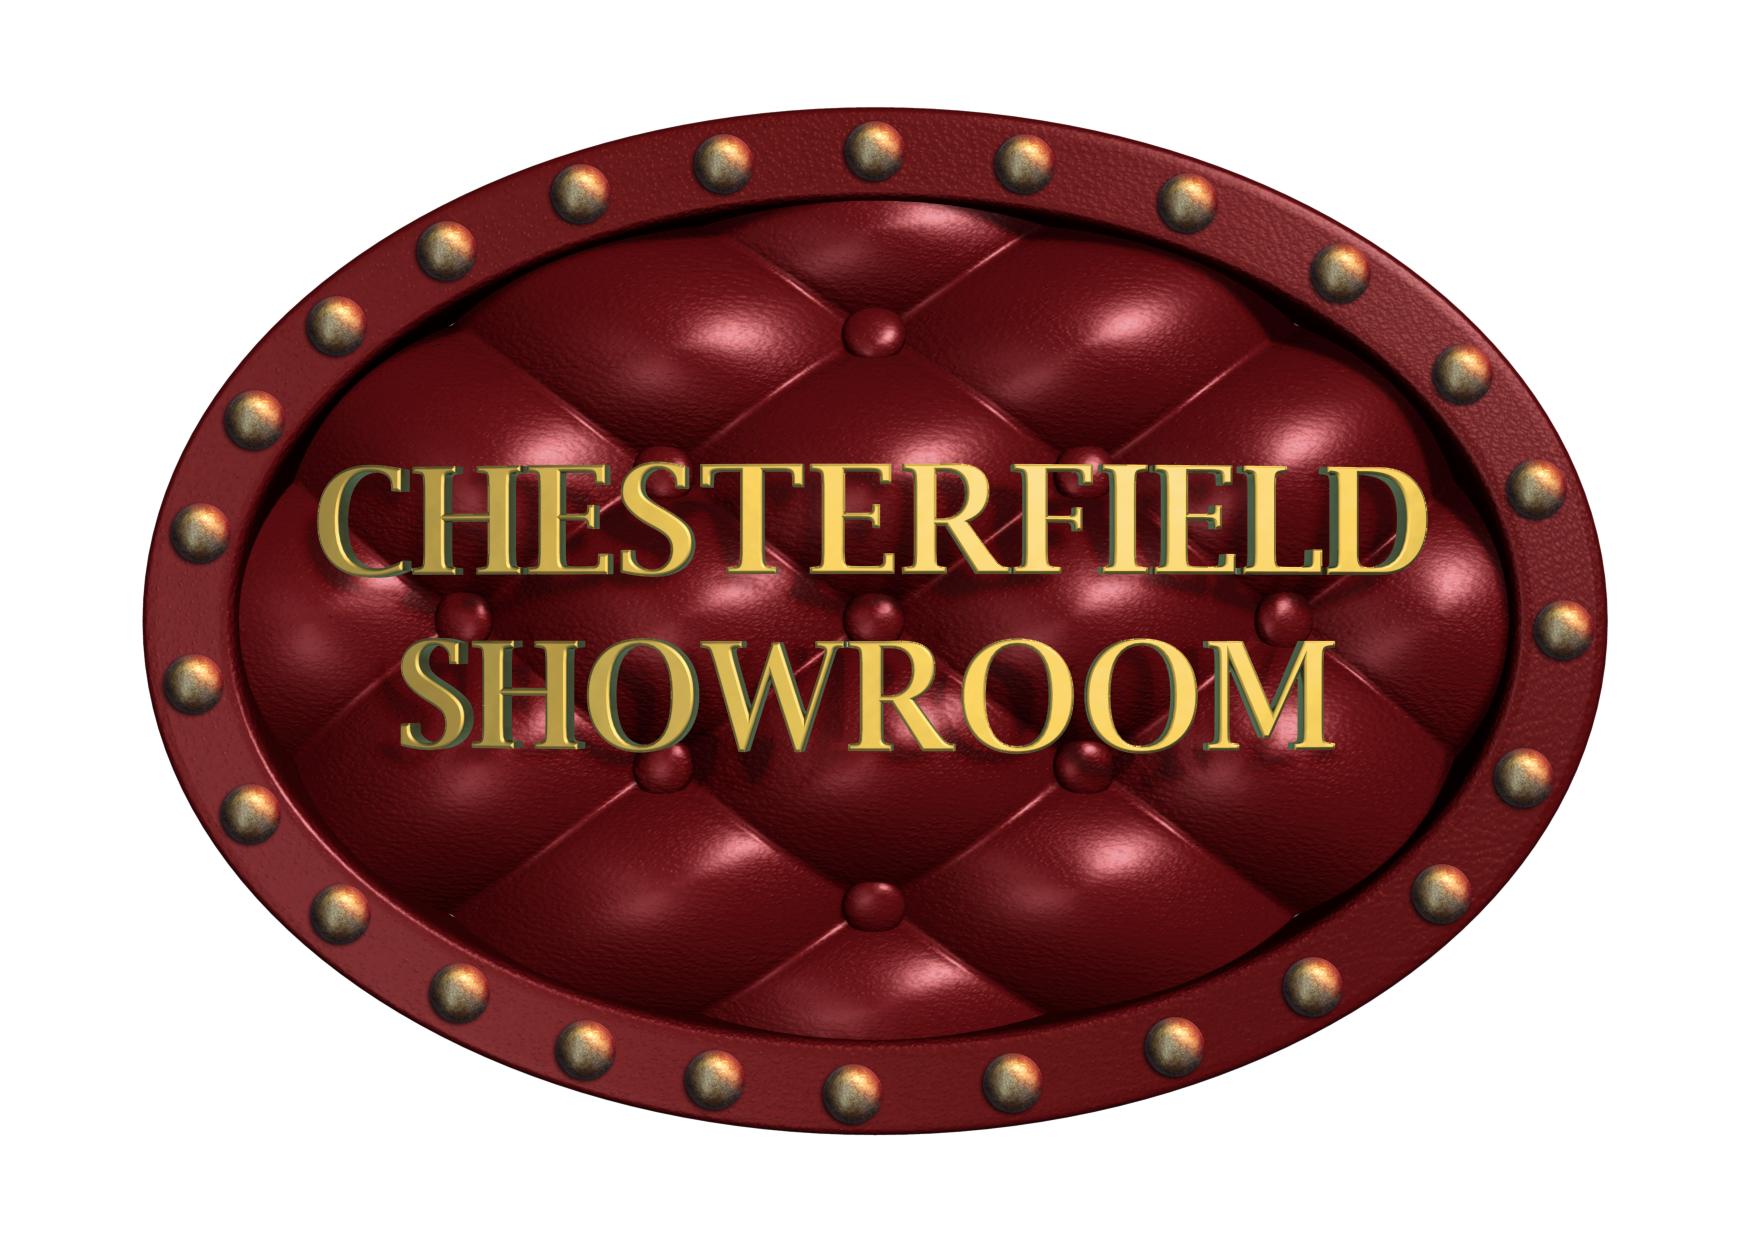 Chesterfieldshowroom poszukuje Wspolpracownikow